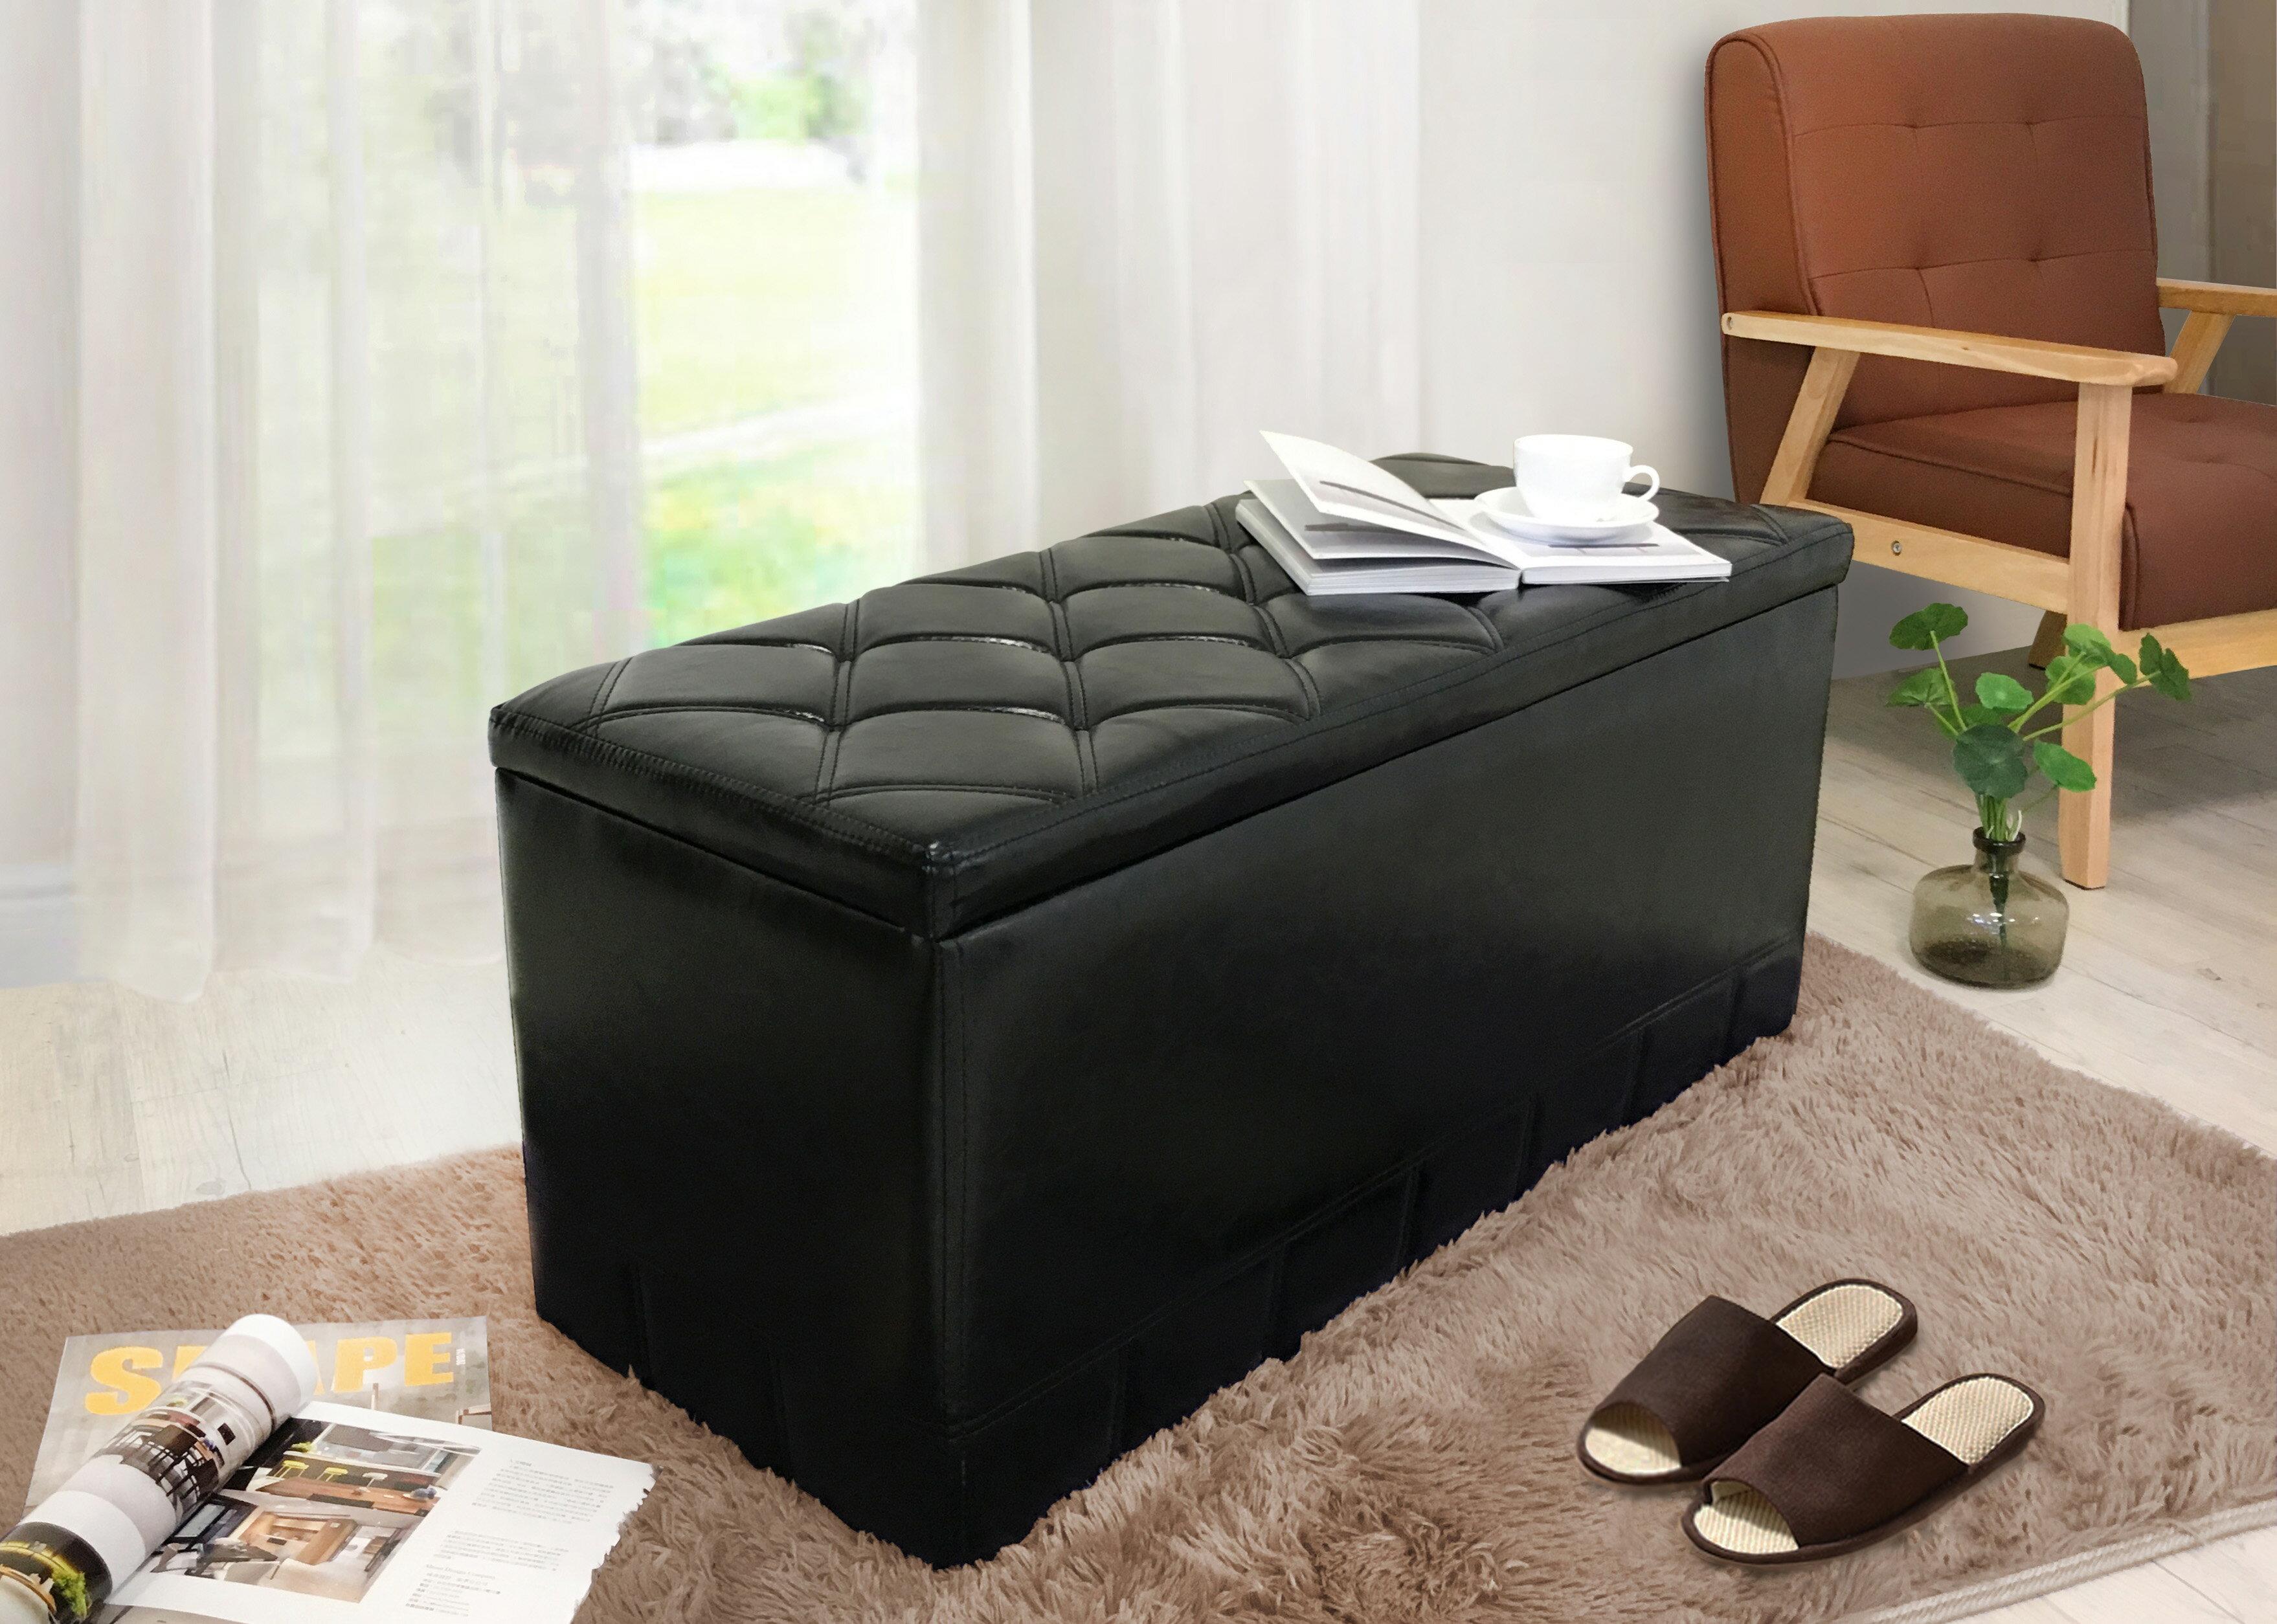 【新生活家具】黑色 現代 簡約 復古 收納箱 穿鞋凳 腳椅 玄關凳 休閒椅 4色可選《菲爾》 非 H&D ikea 宜家